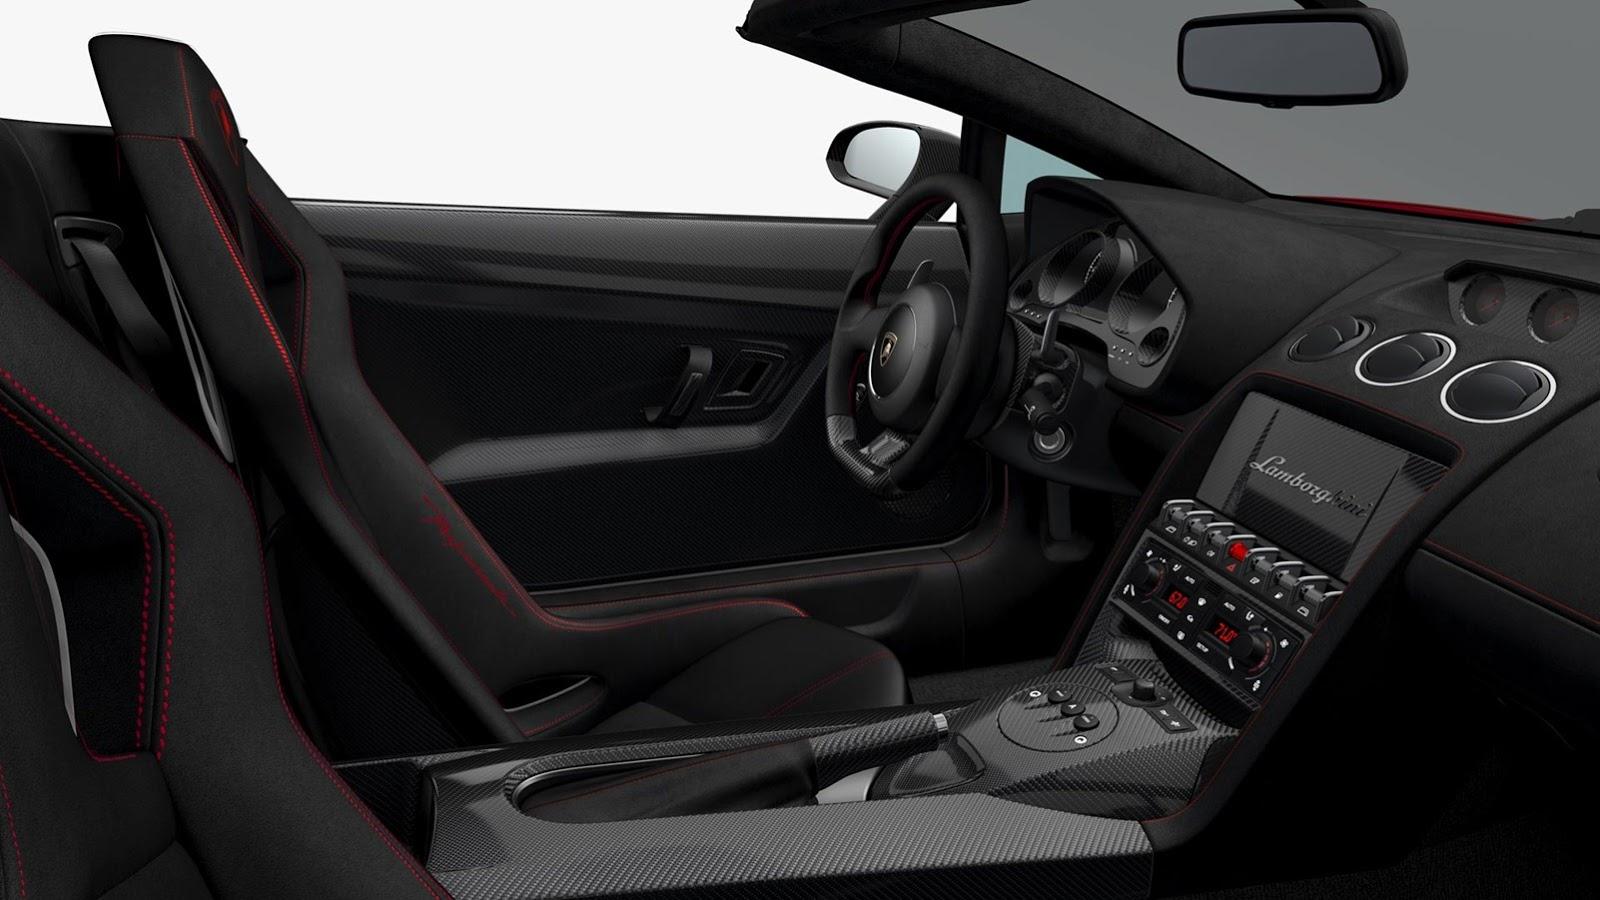 Lamborghini_Gallardo_Performante_Edizione_Tecnica_Interior